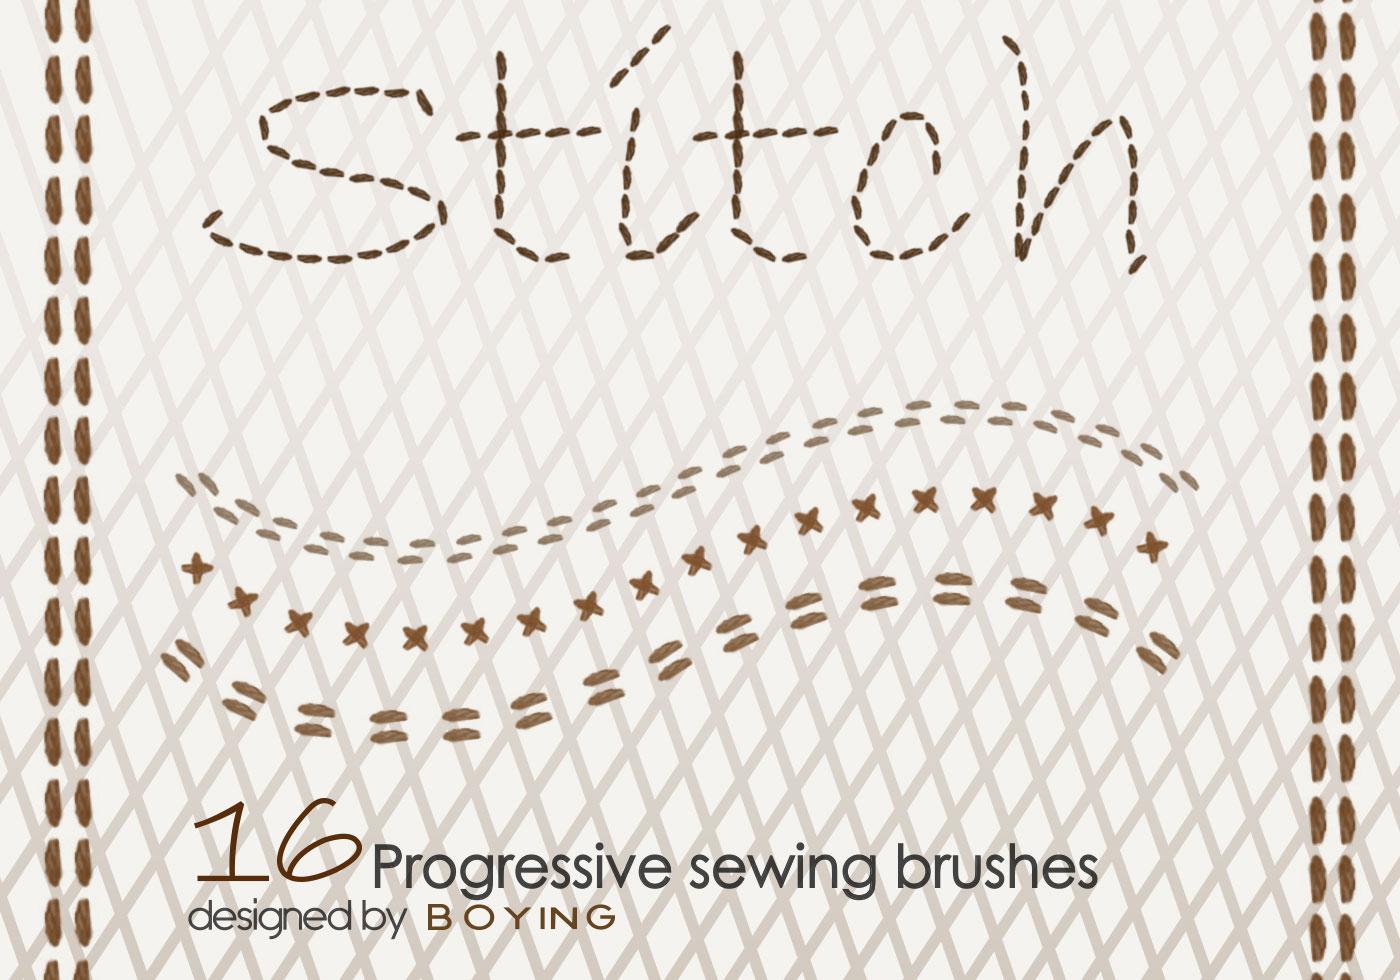 Stitch Free Photoshop Brushes At Brusheezy